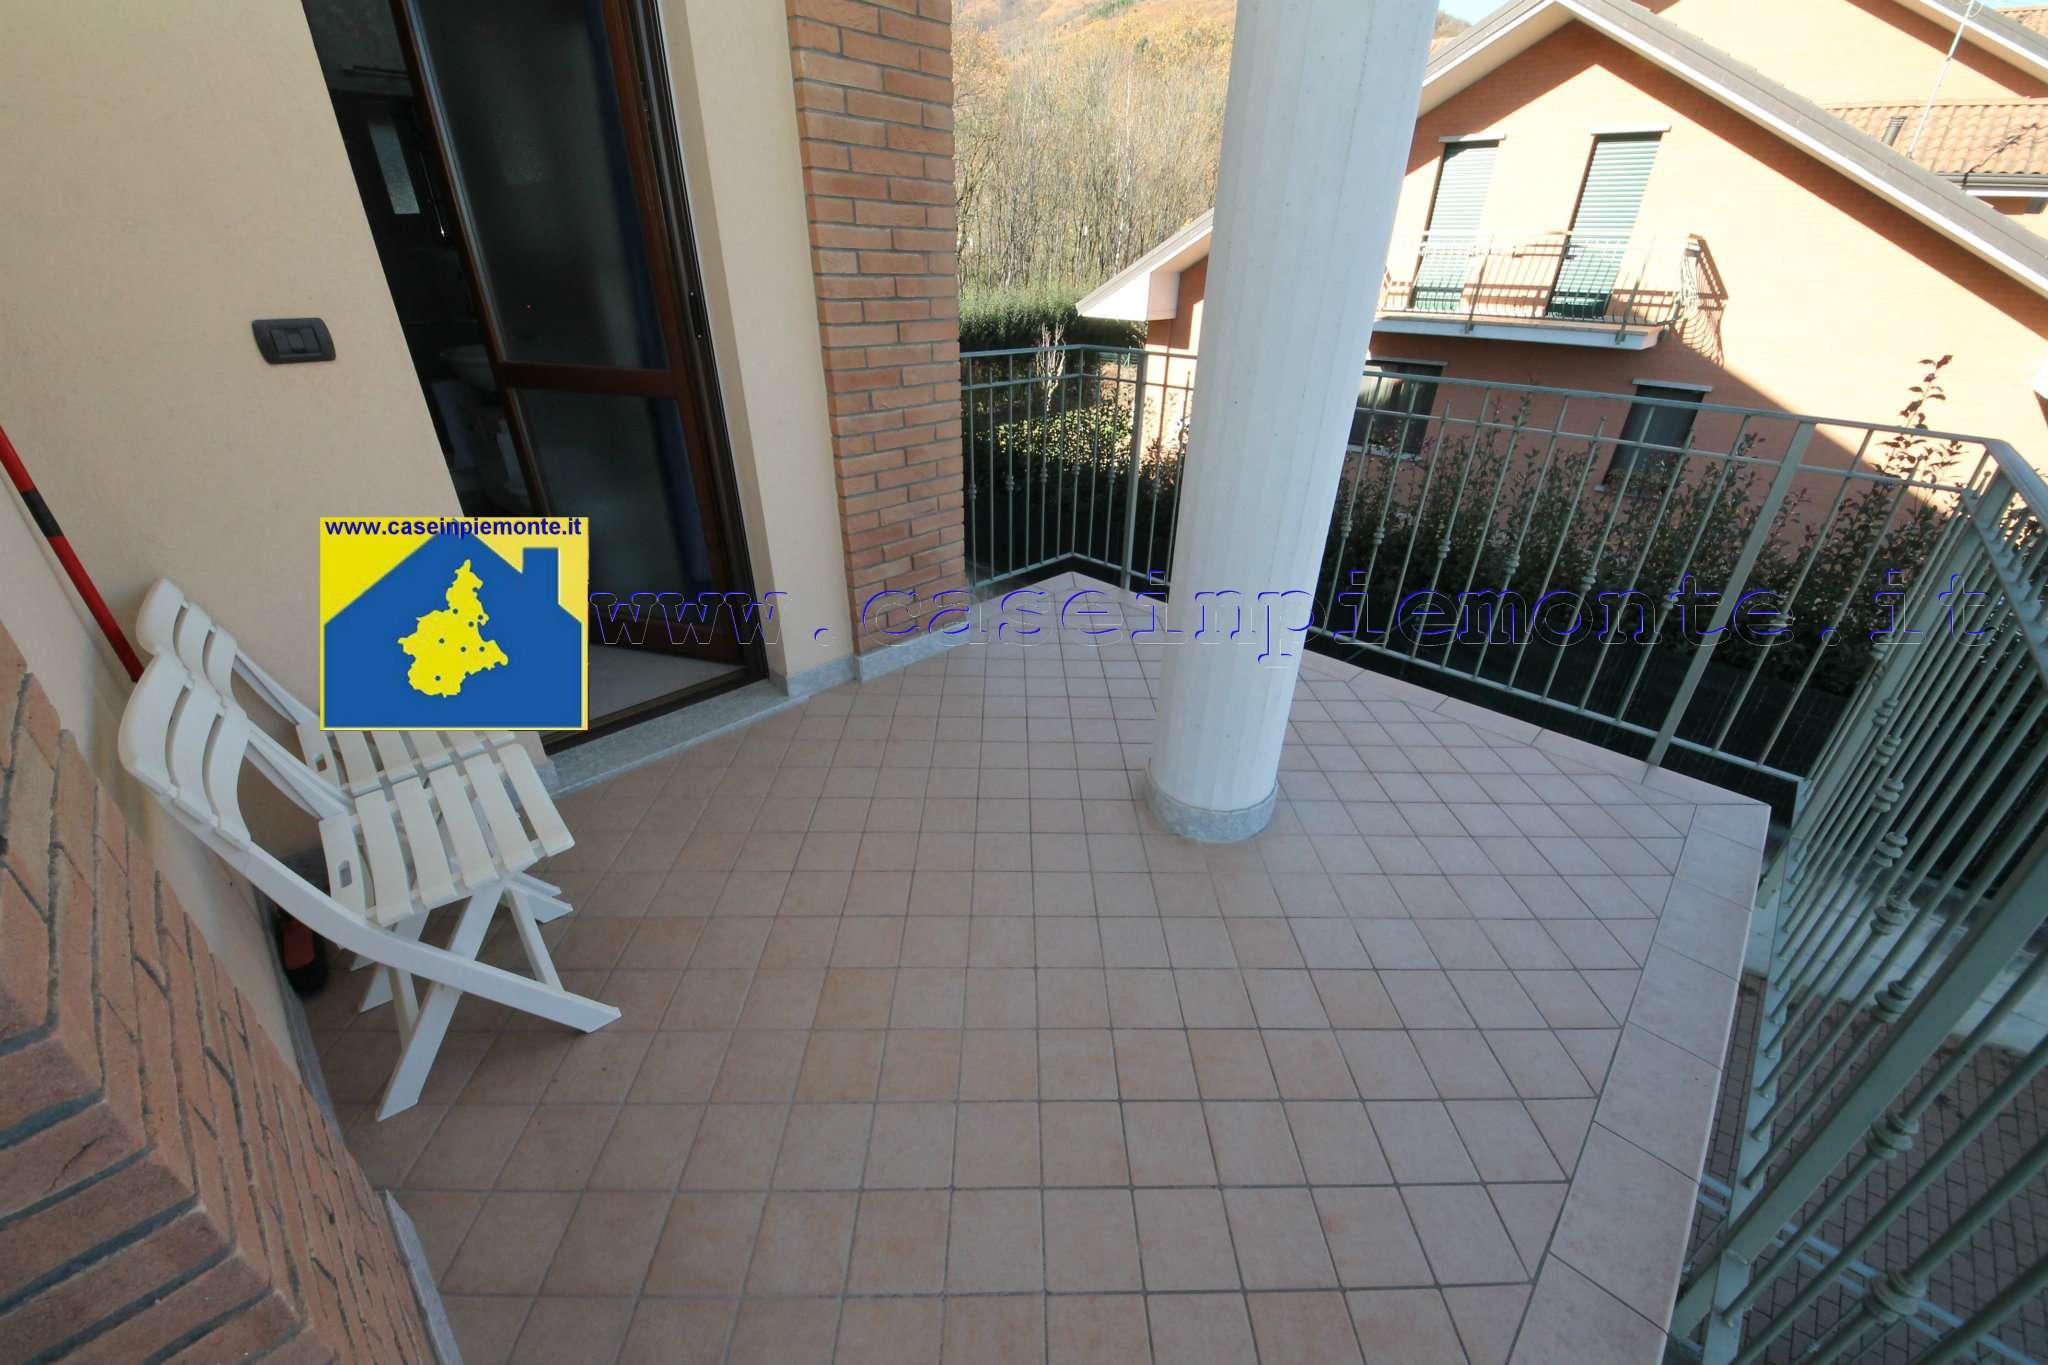 Appartamento in vendita a La Cassa, 6 locali, prezzo € 228.000 | CambioCasa.it